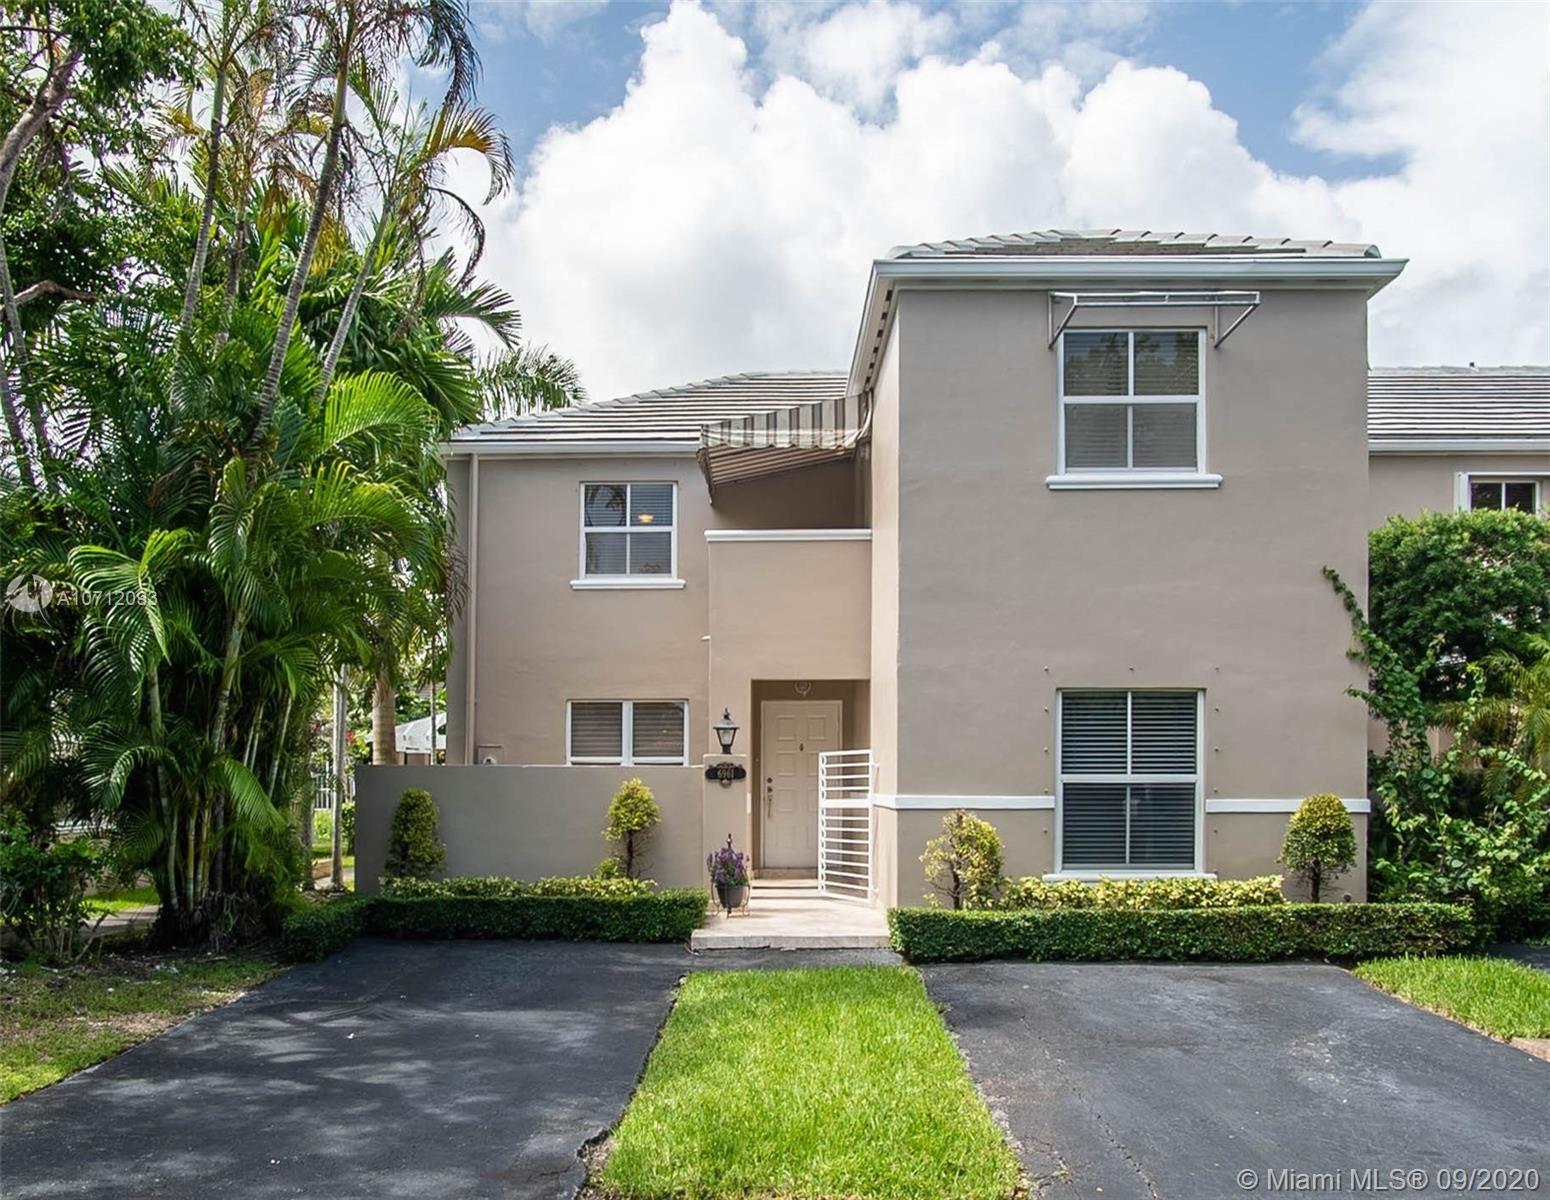 6961 SW 56 ST, Miami, FL 33155 - #: A10712093